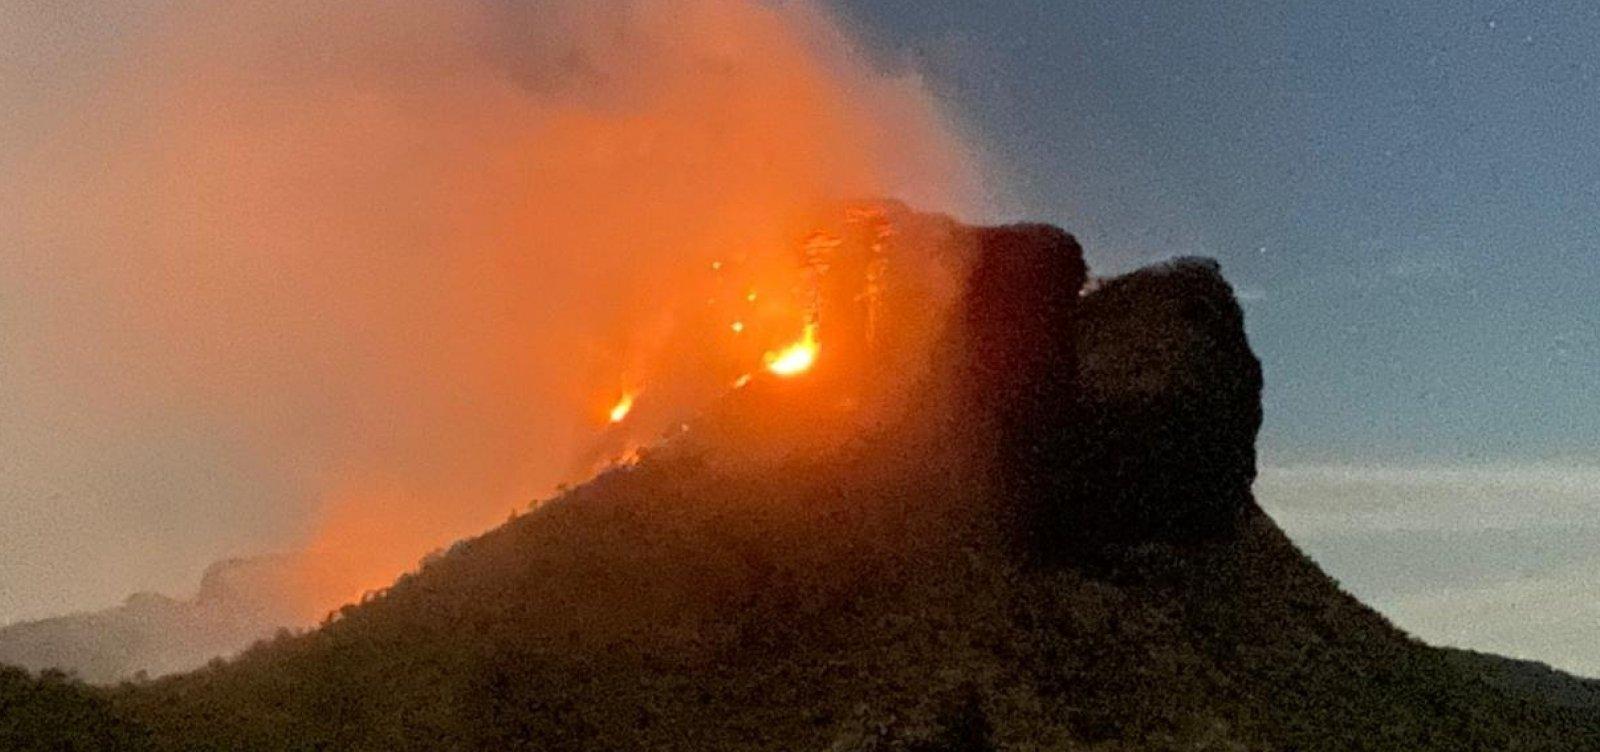 [Equipes continuam combate a incêndio que atinge Morro do Camelo, na Chapada Diamantina  ]